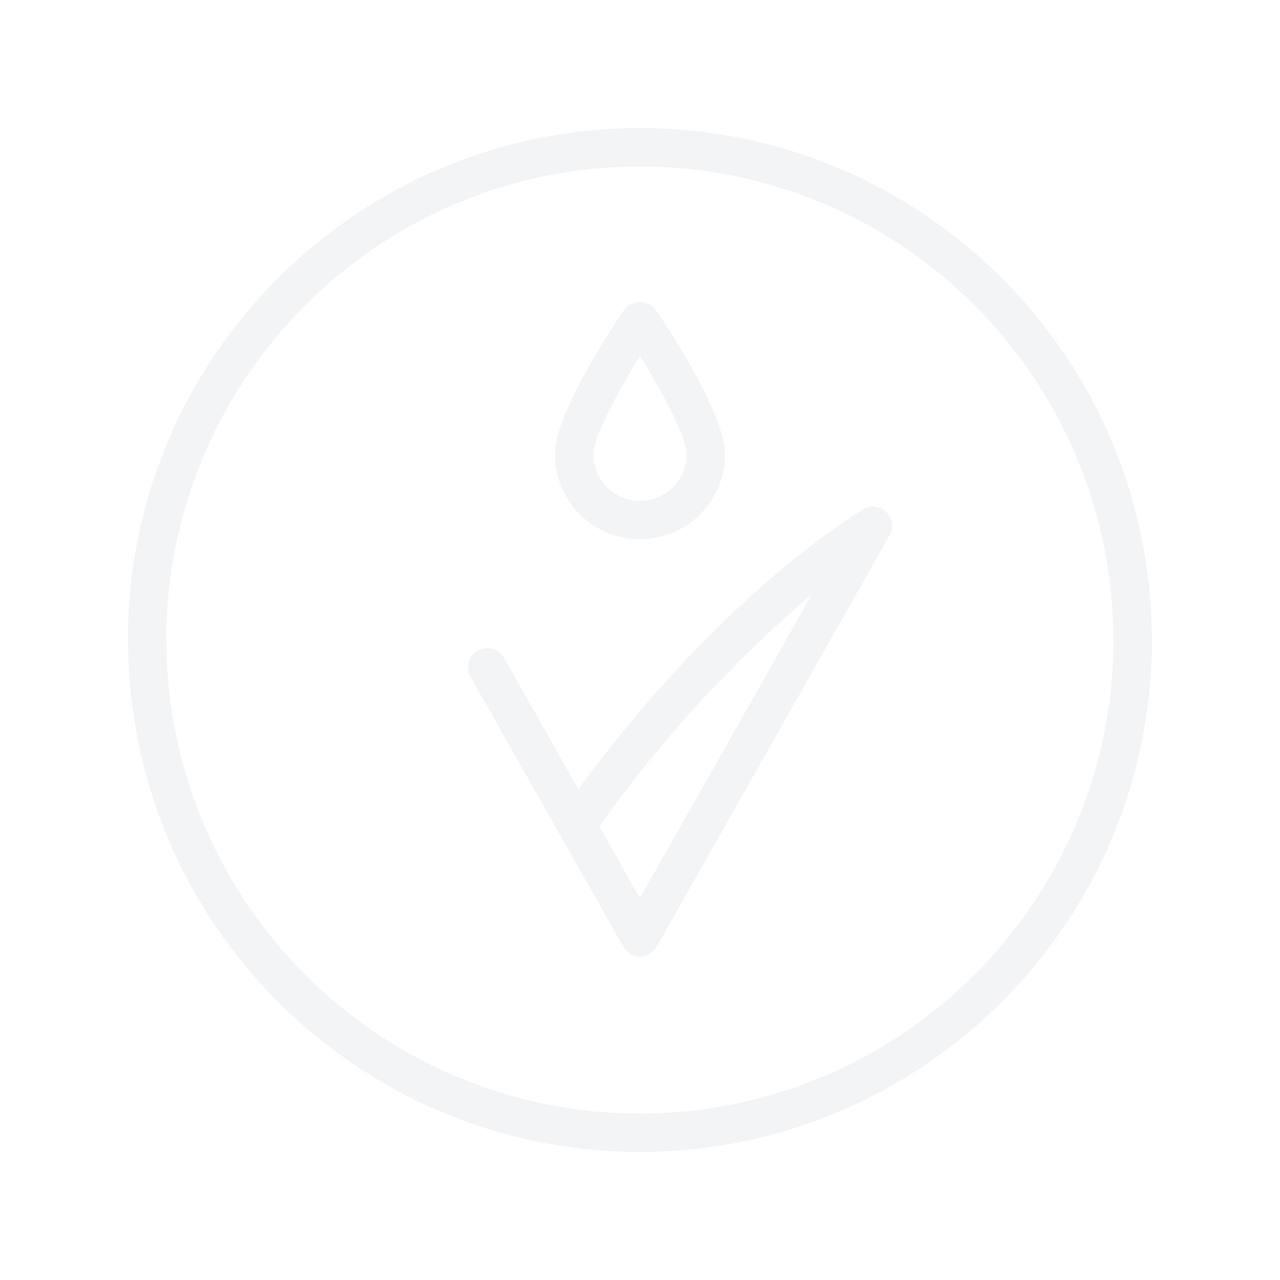 E.L.F. Waterproof Eyeliner Pen 1.4g